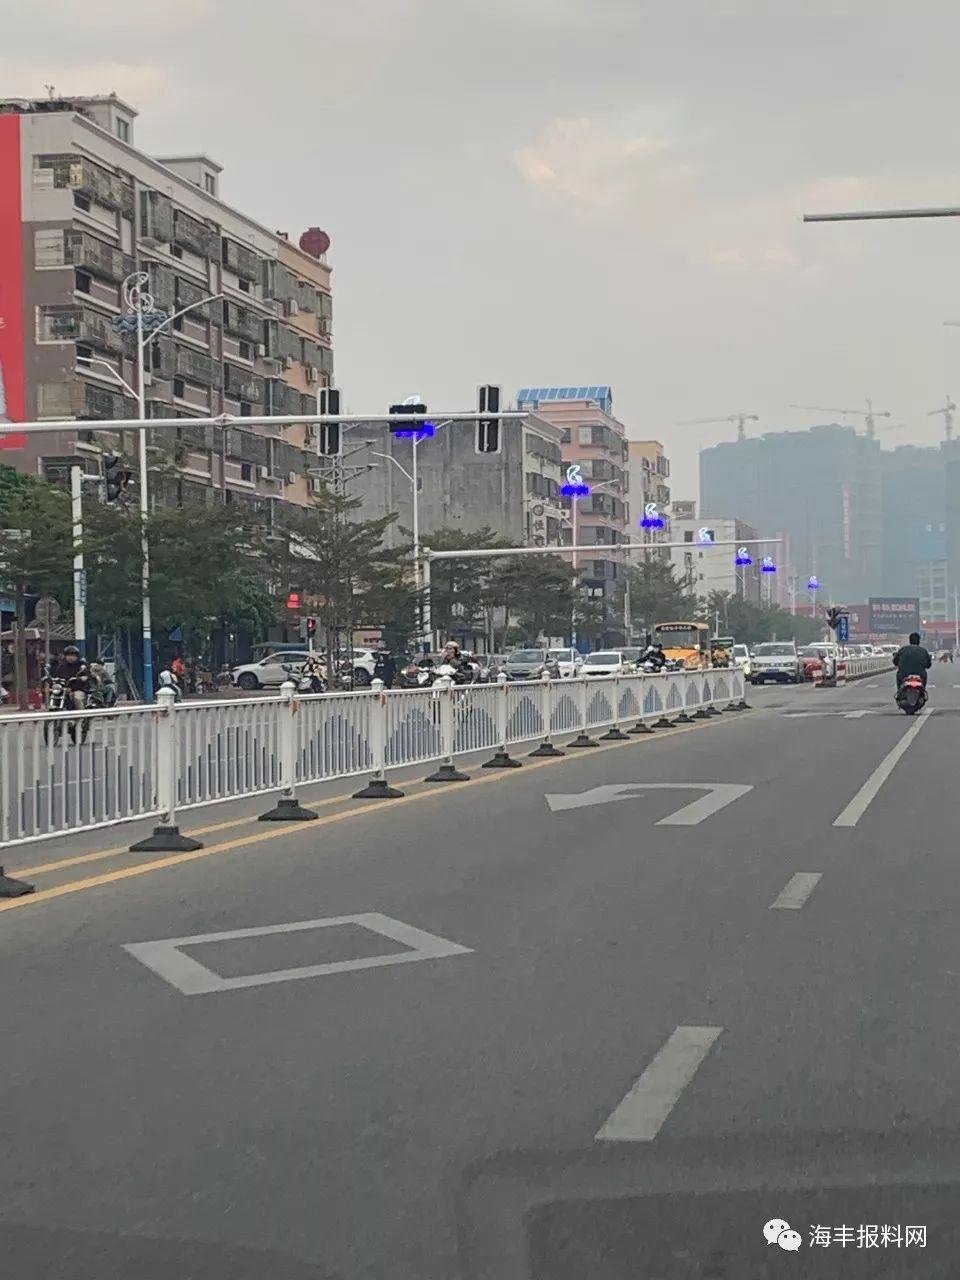 海丰县城二环路的路灯换新了 海丰新闻 第3张